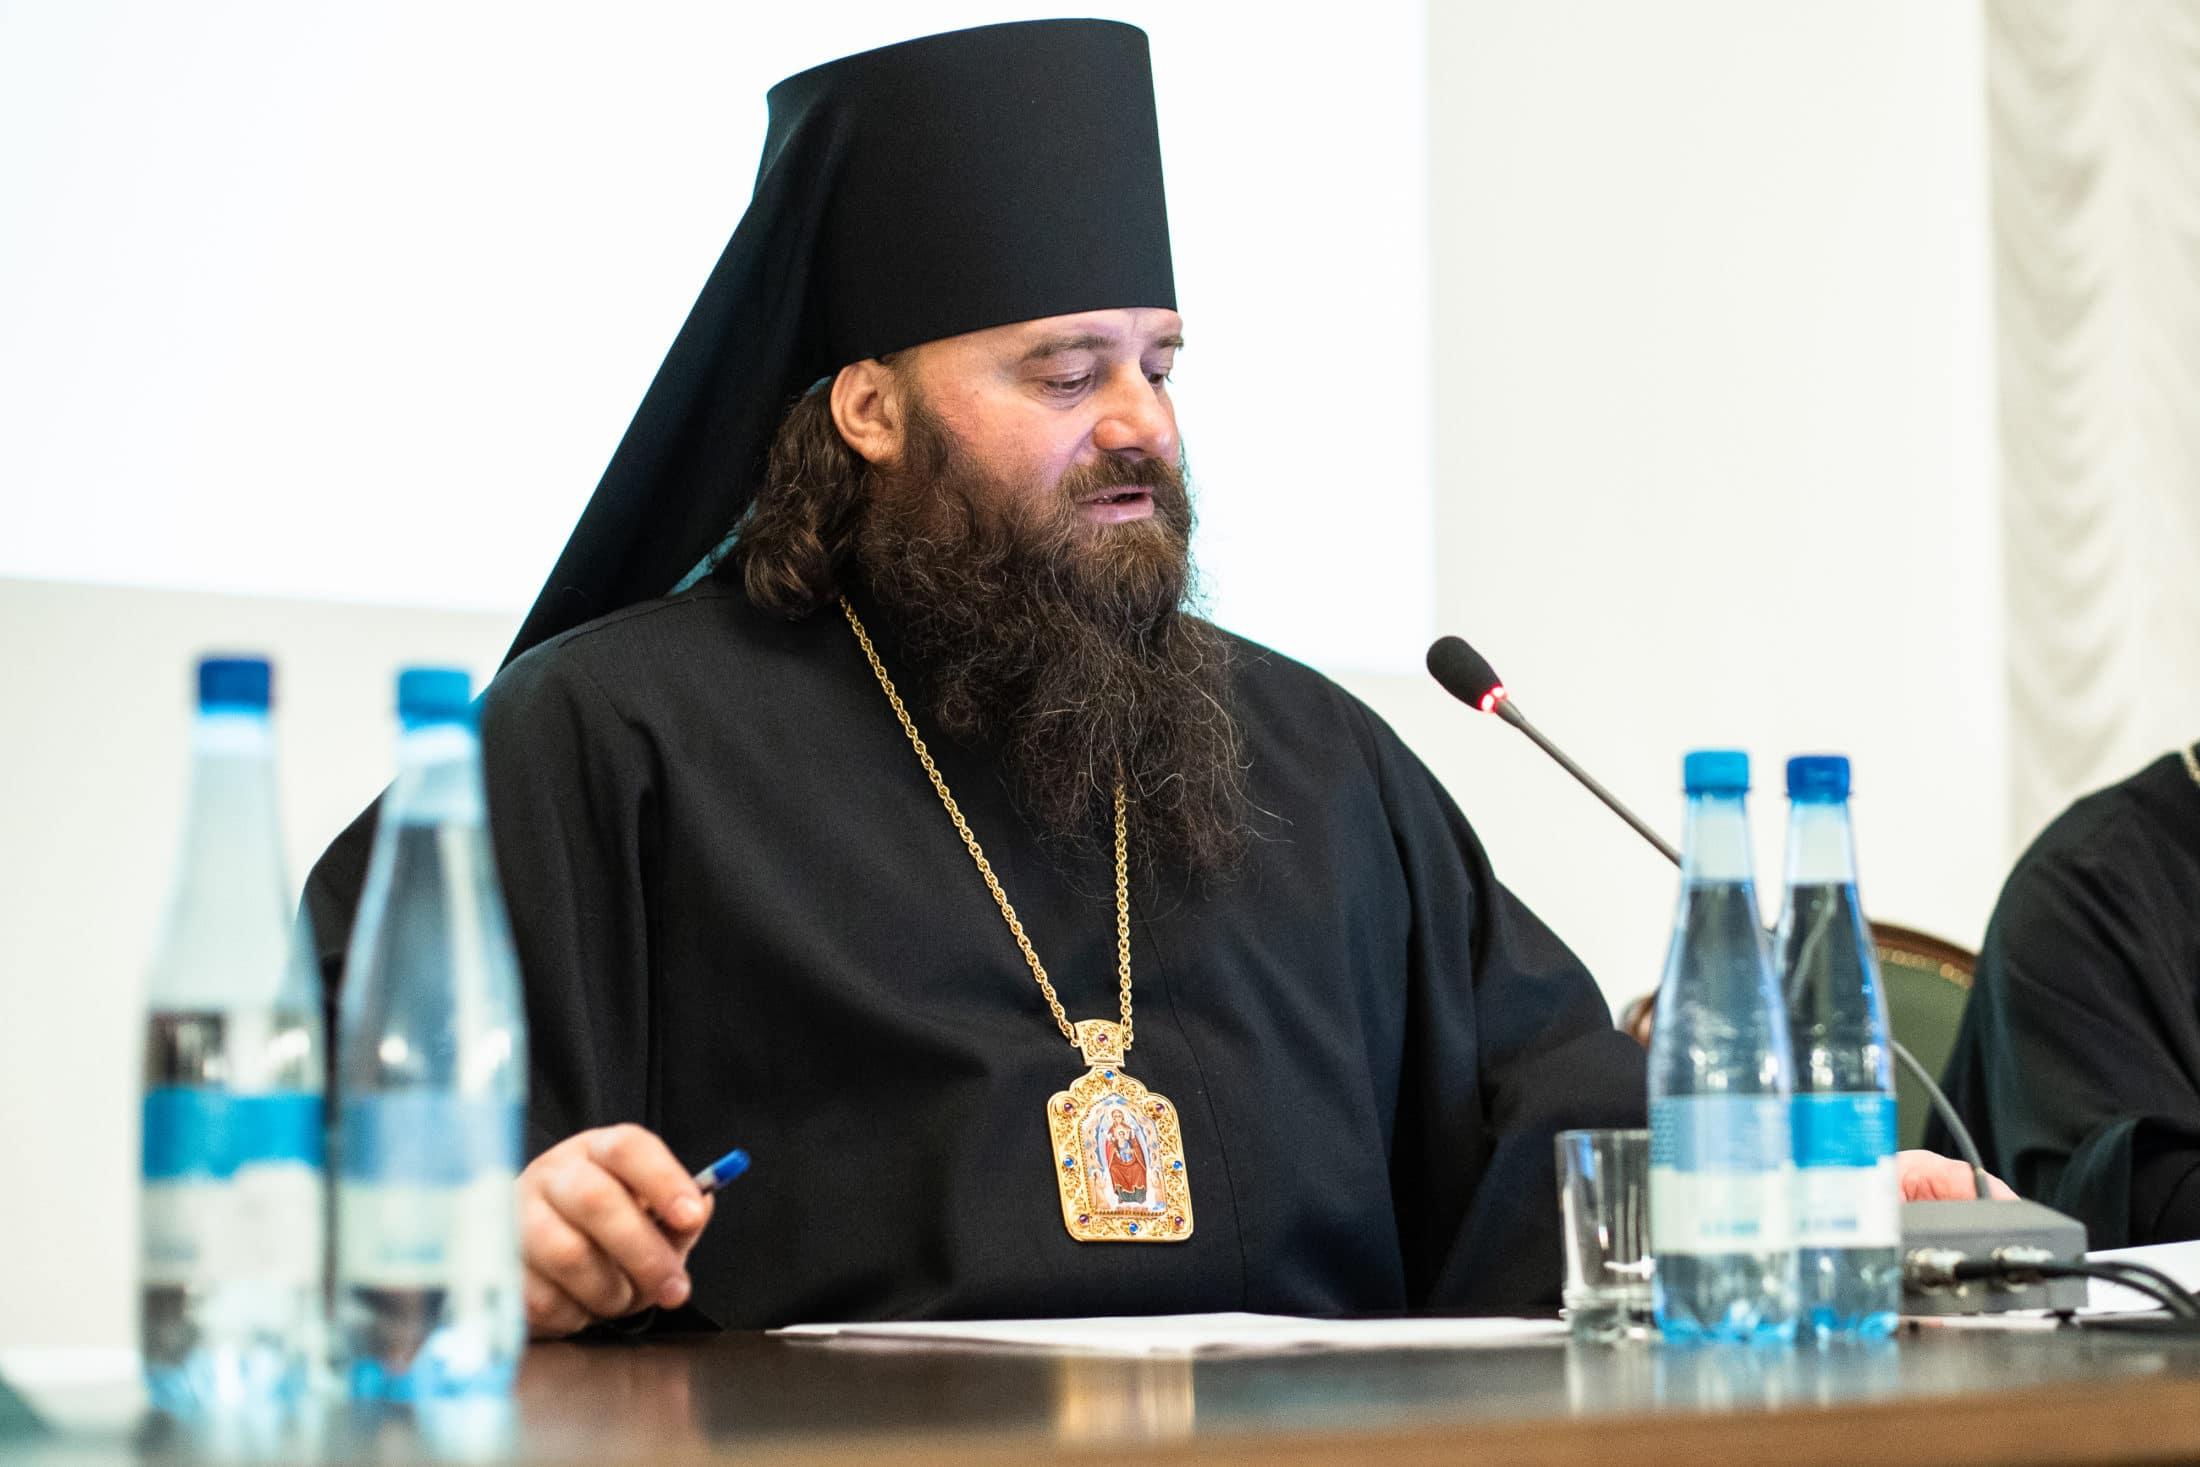 Епископ Сергиево-Посадский Парамон возглавил региональные Рождественские чтения Северного викариатства